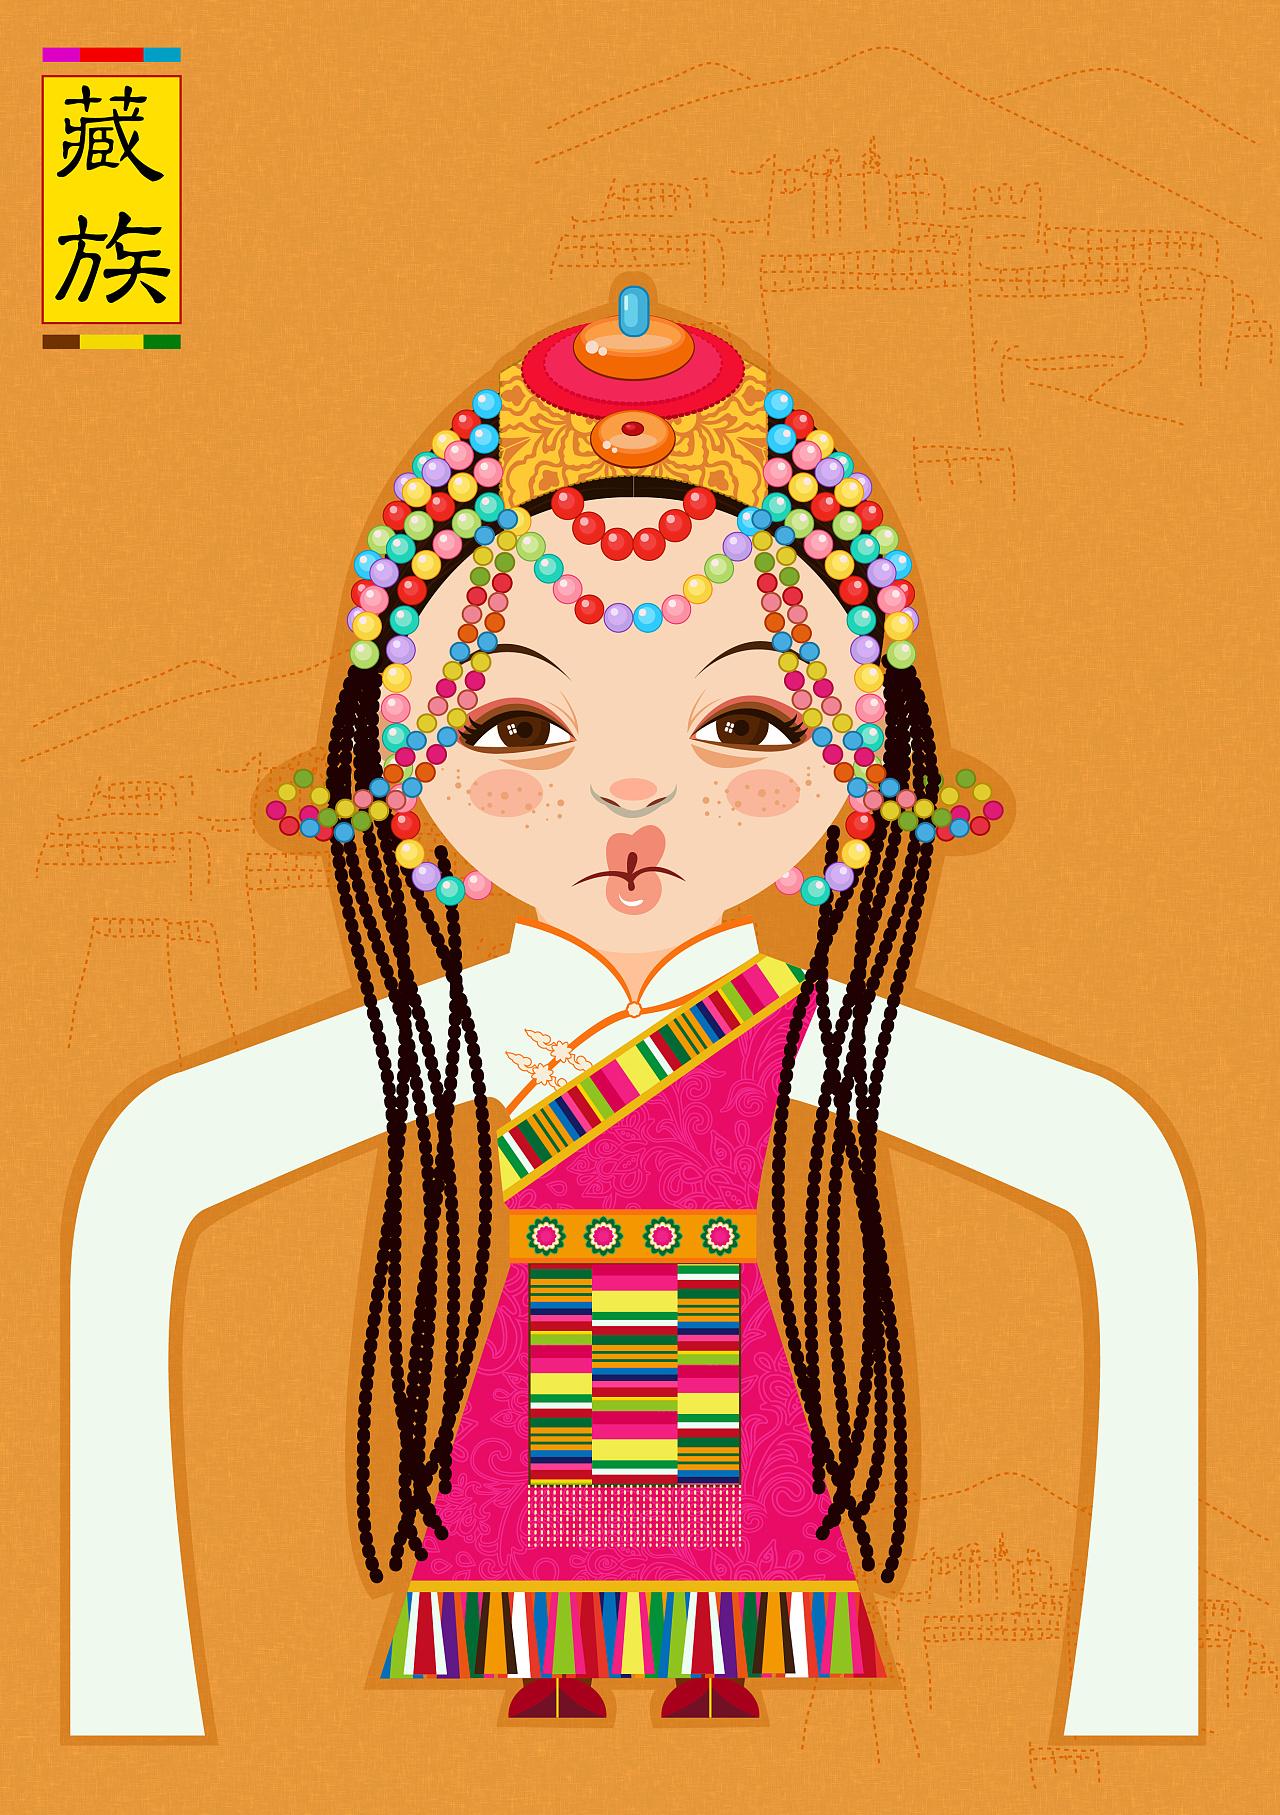 少数民族服饰卡通_少数民族服饰推广·卡通人物形象设计|纯艺术|其他艺创|奶奶Tina07